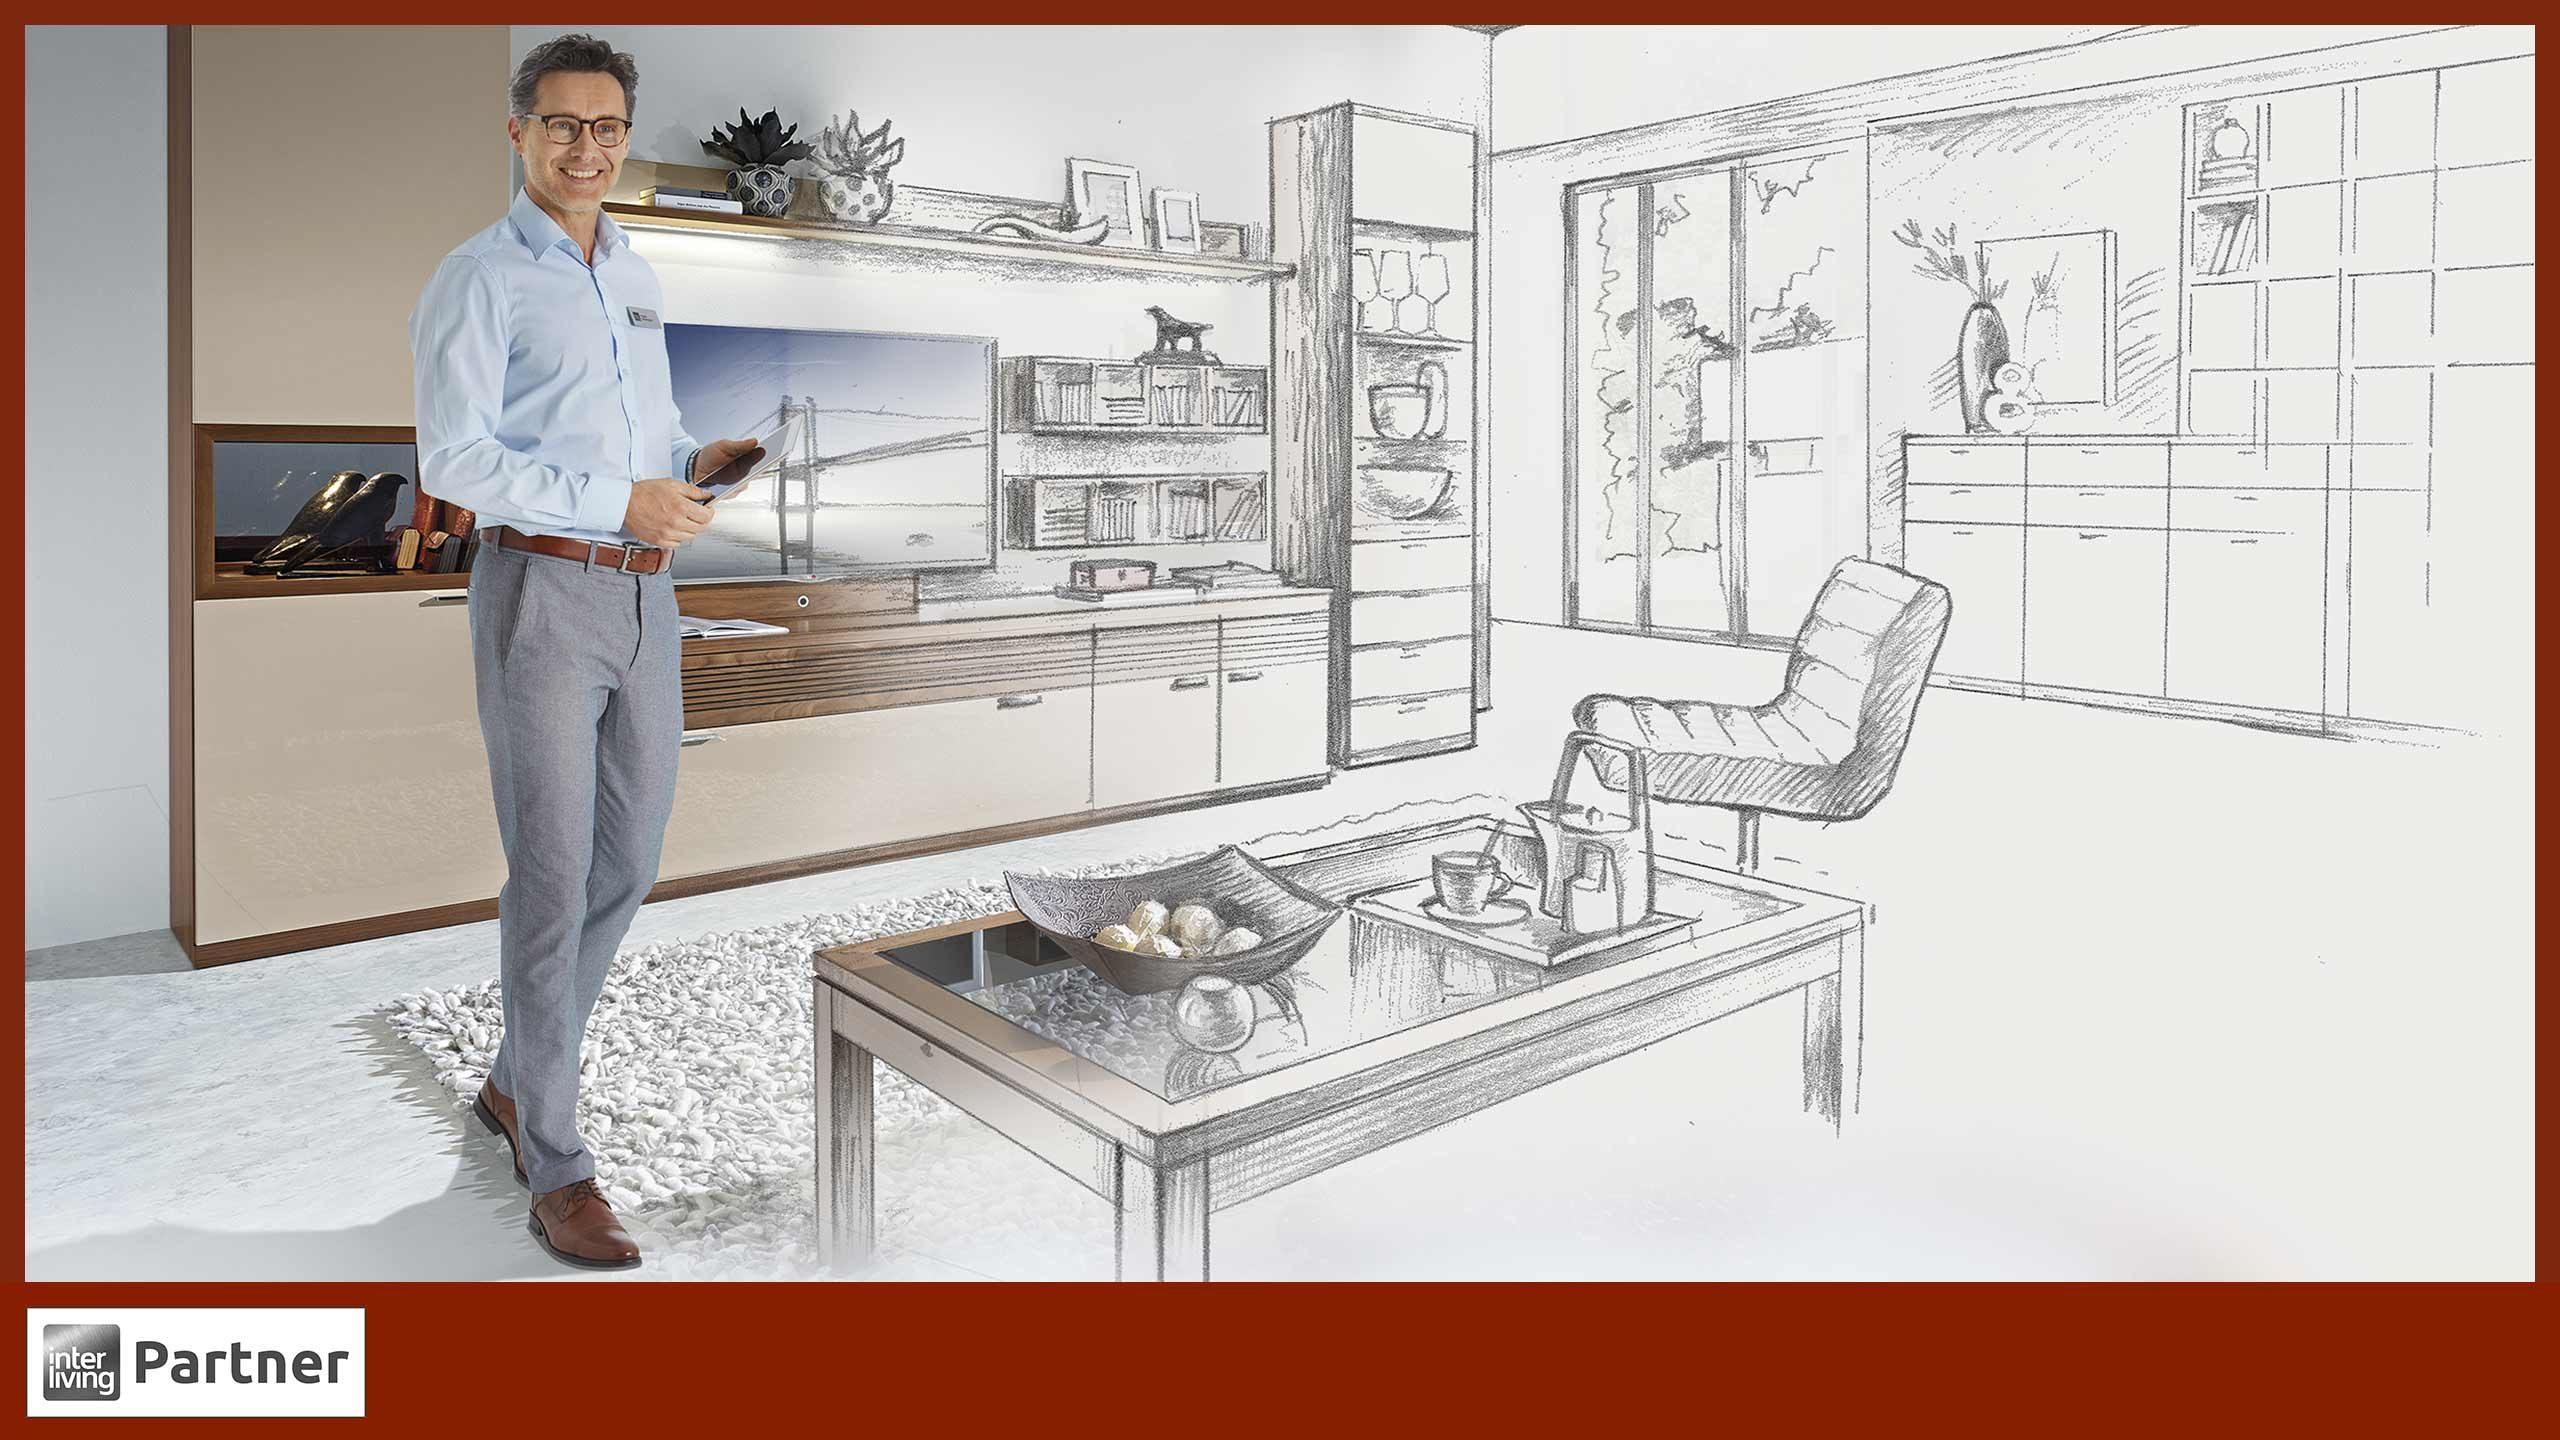 Wohnwand richtig planen – mit exklusiver Beratung bei Ihrem Interliving Partner